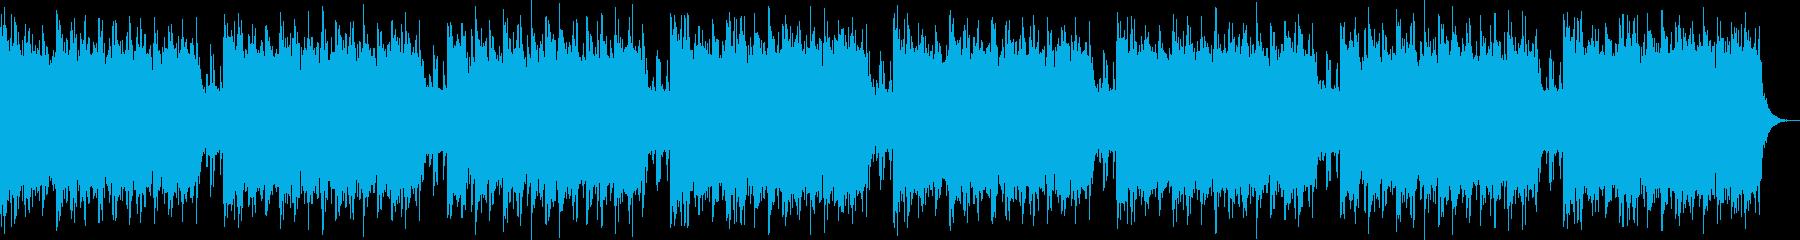 【遥かな旅】ストリングス&木管BGMの再生済みの波形